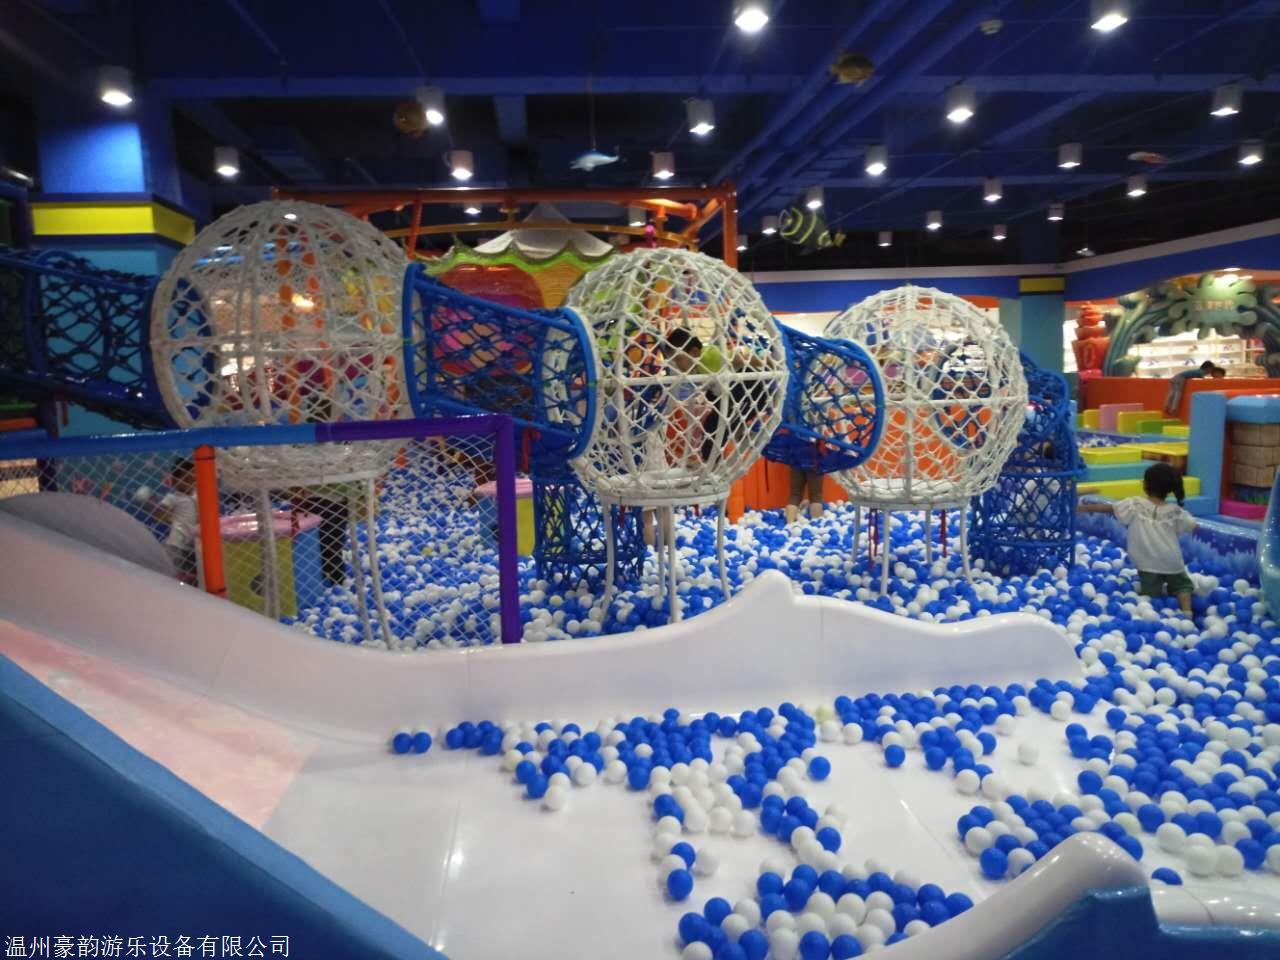 海洋百万球池滑梯生产厂家,百万球池滑梯造价多少,海洋球价格